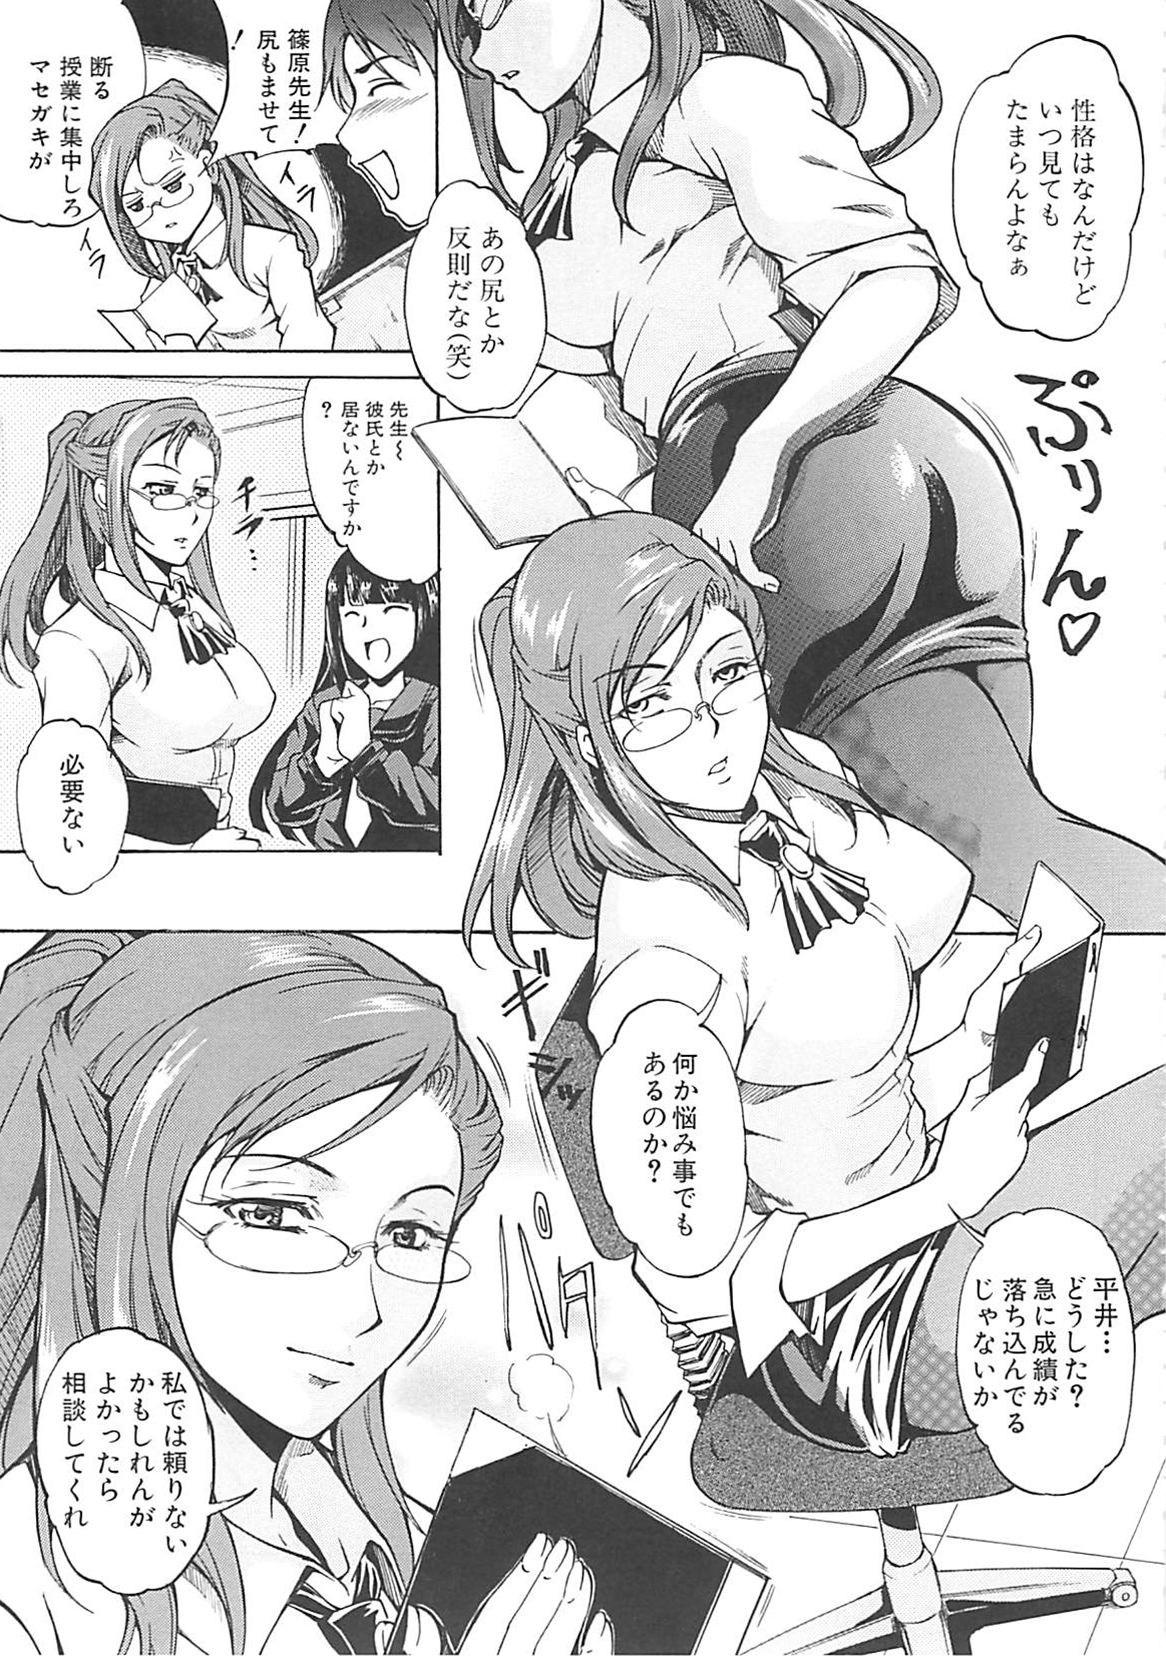 【エロ同人・エロ漫画】カタブツだと思っていた女教師は放課後目隠しをして生徒とセックスをする淫乱だったwww